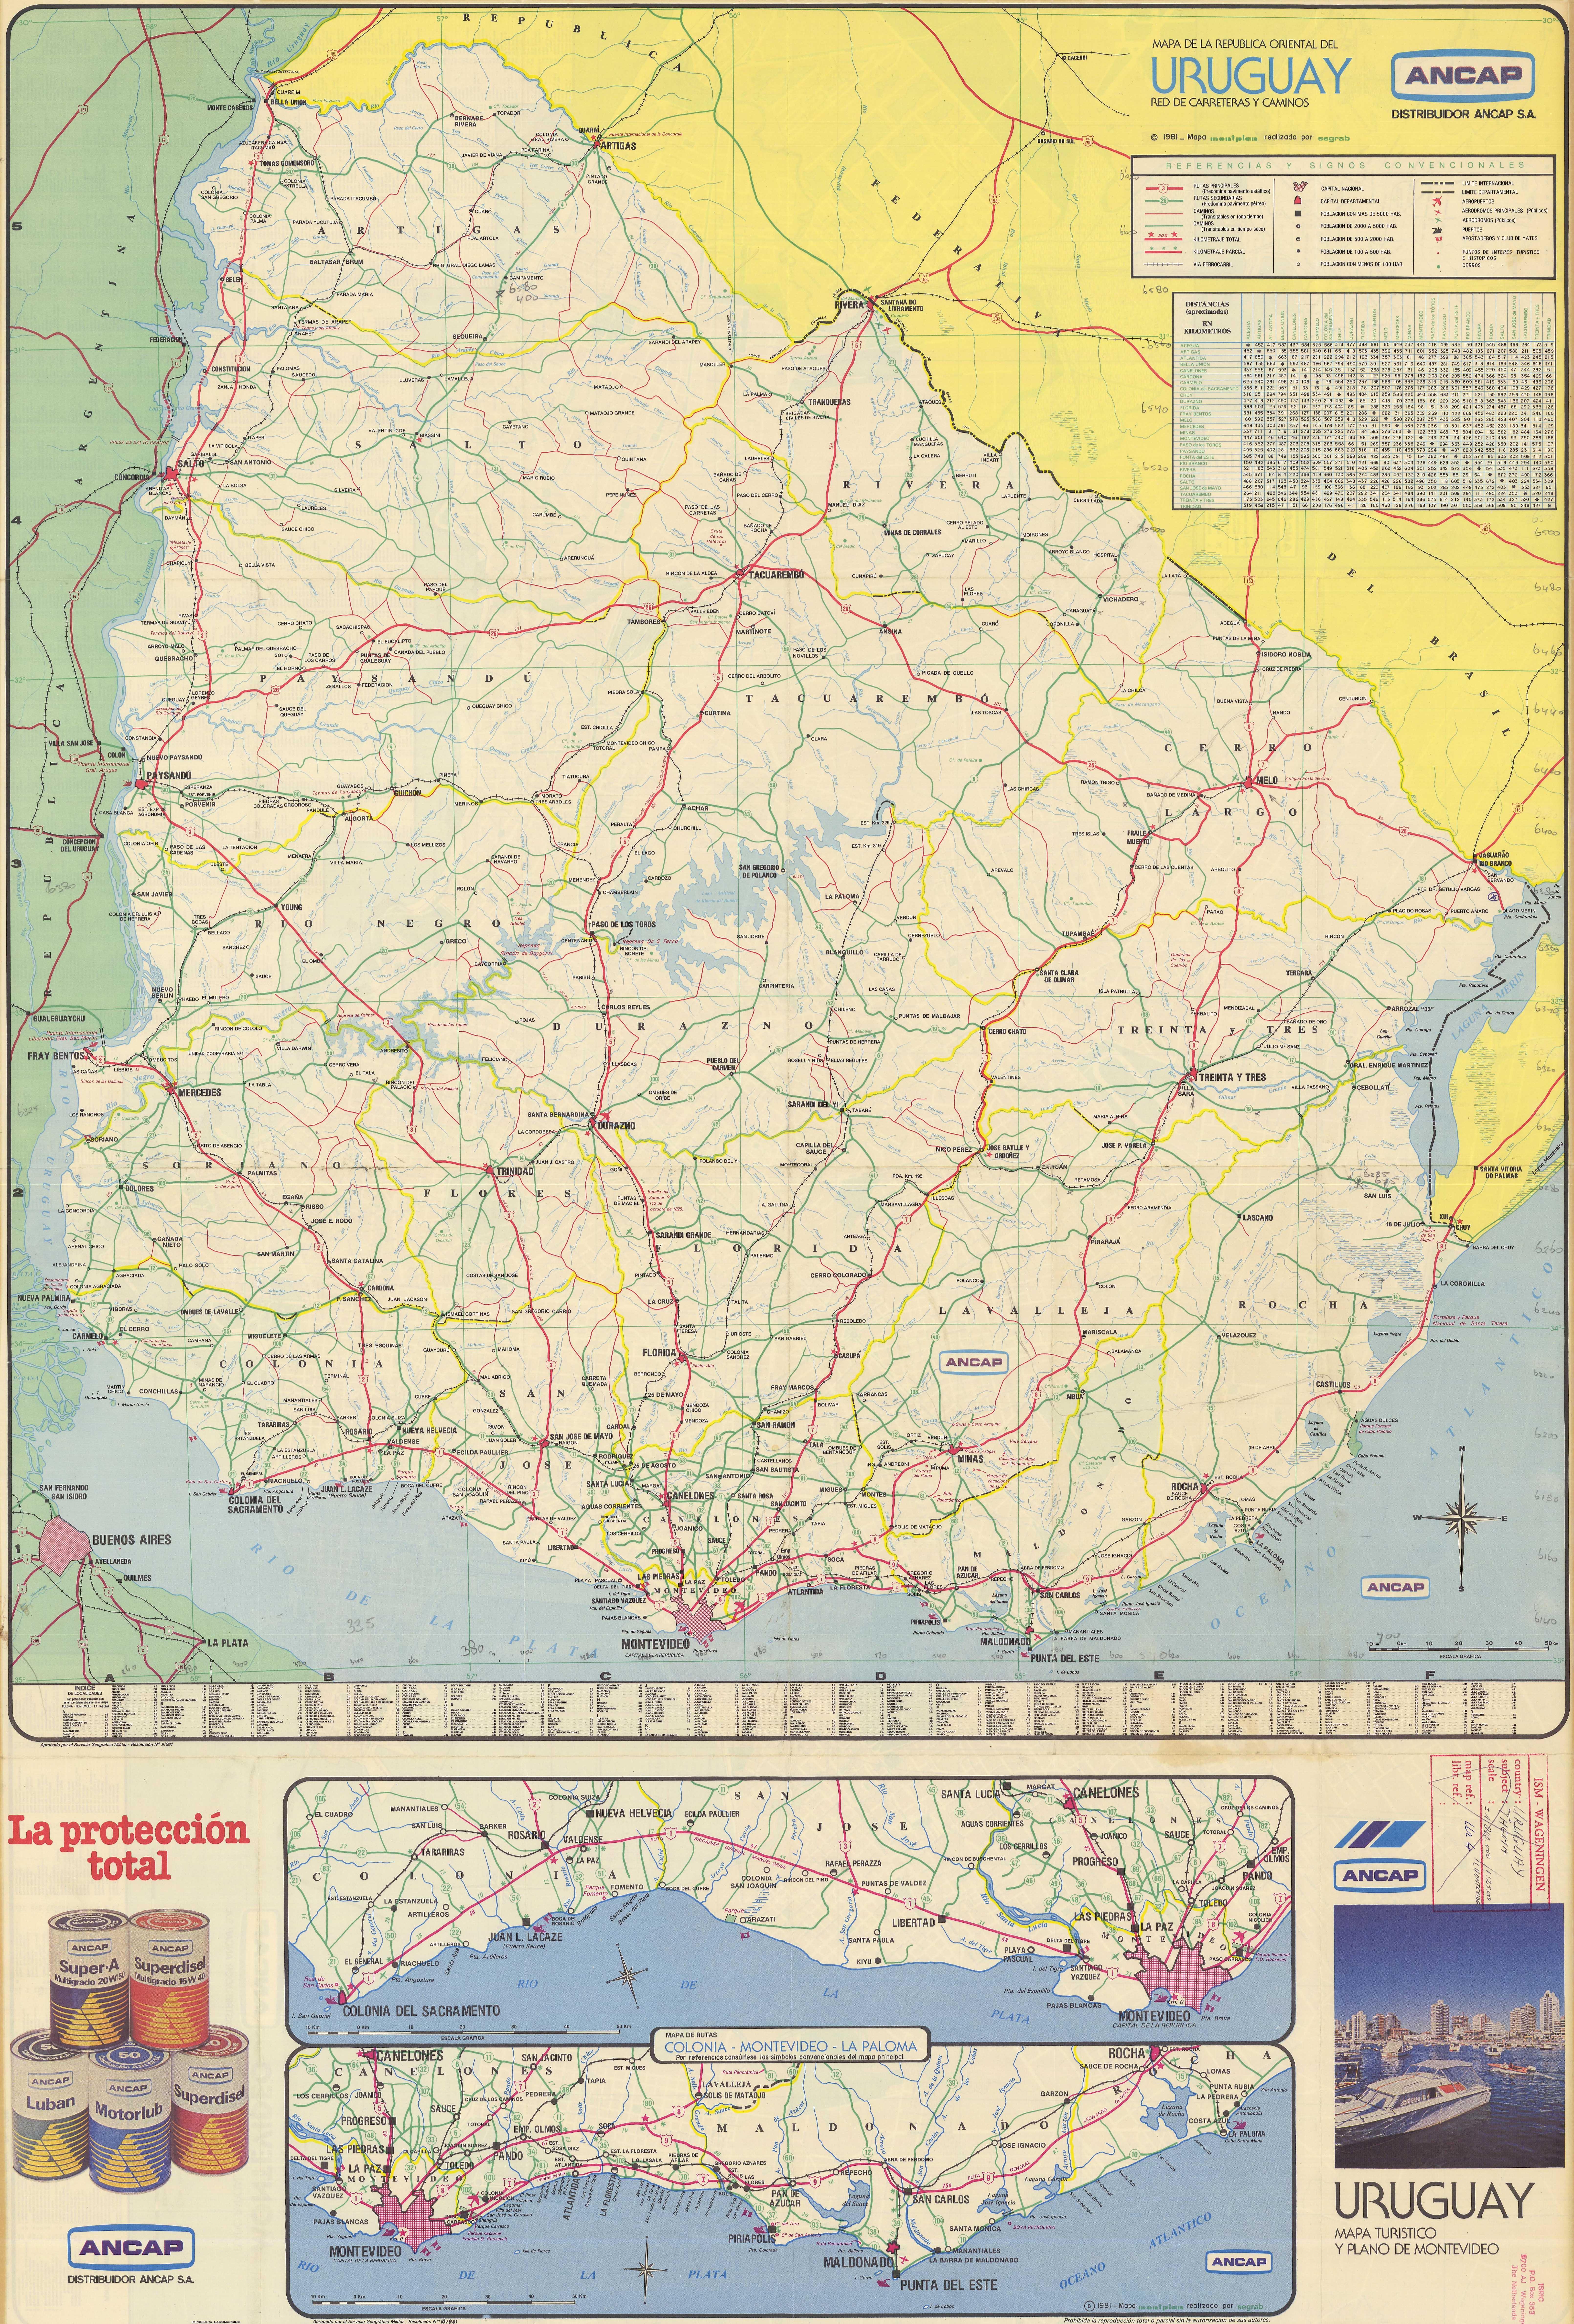 Mapa De La Republica Oriental Del Uruguay Red De Carreteras Y - Uruguay map atlas